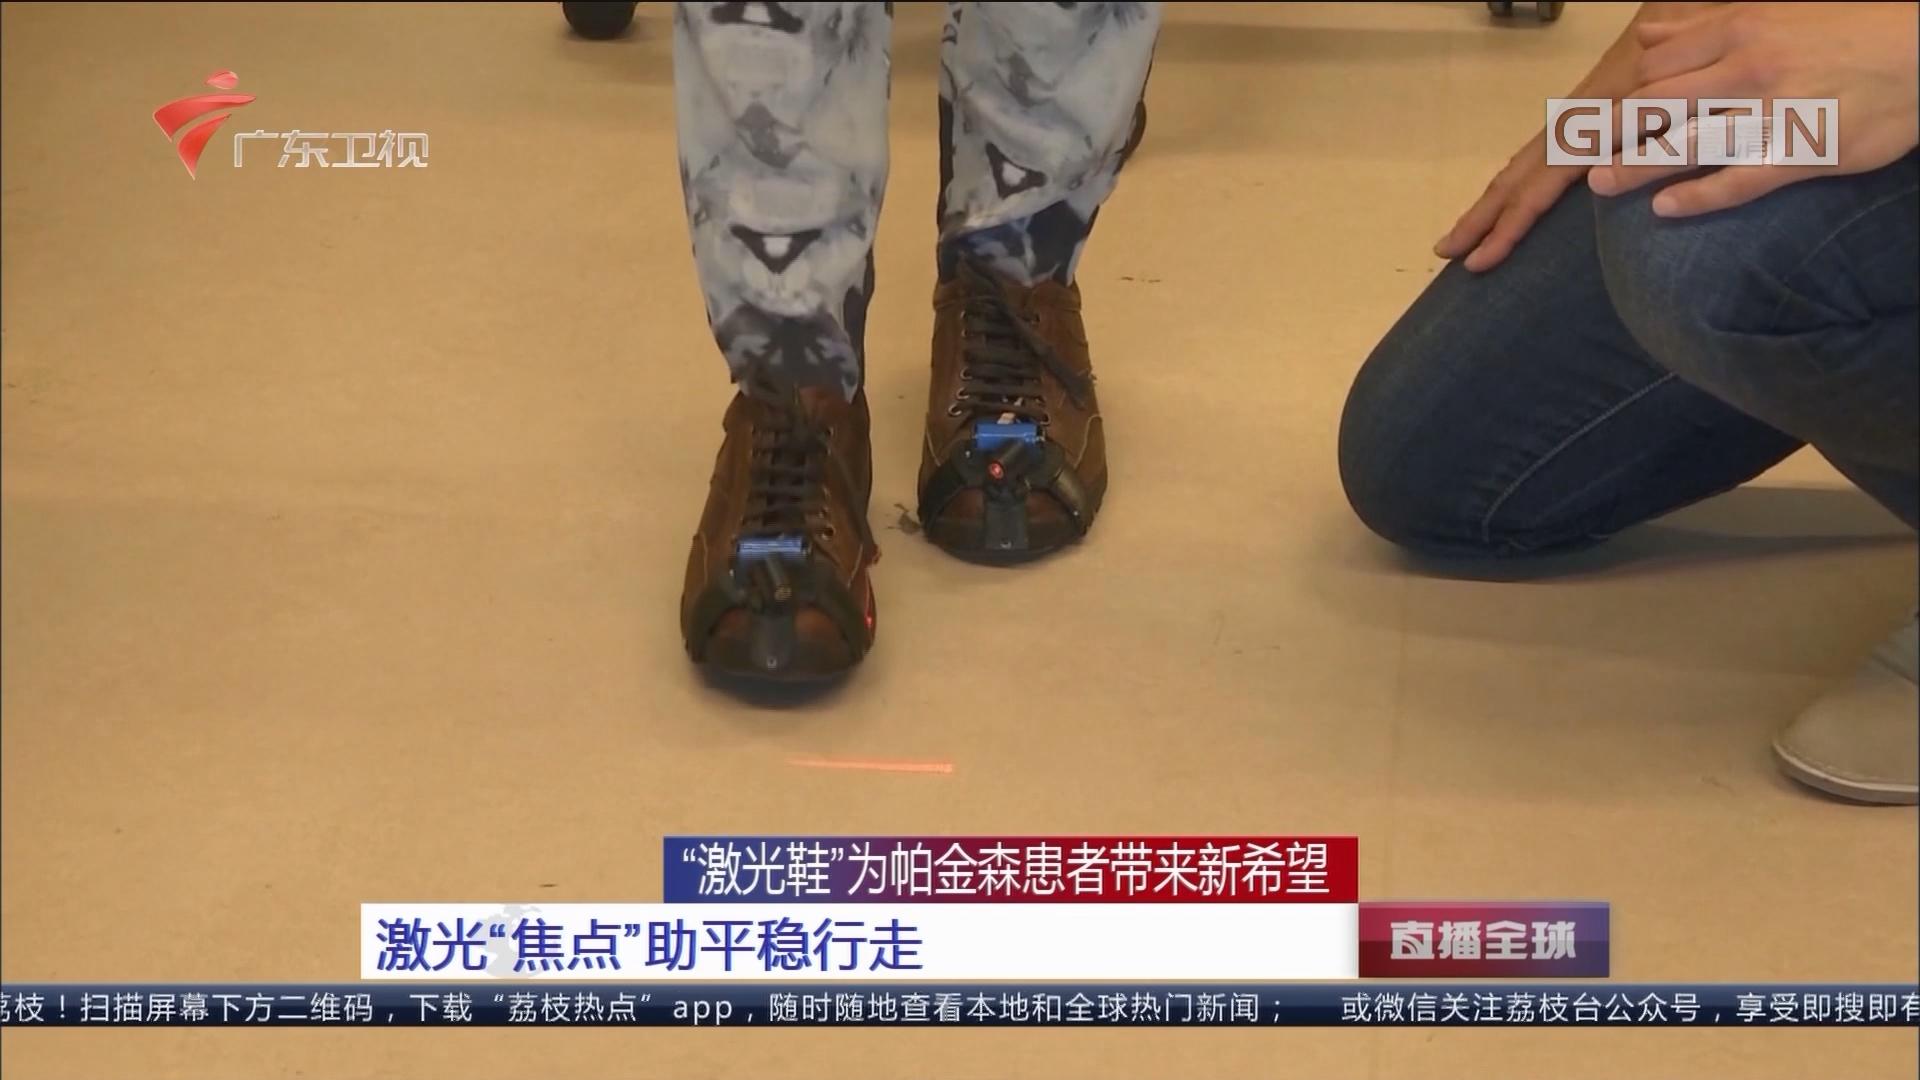 """""""激光鞋""""为帕金森患者带来新希望 帕金森患者常因步态冻结摔倒"""